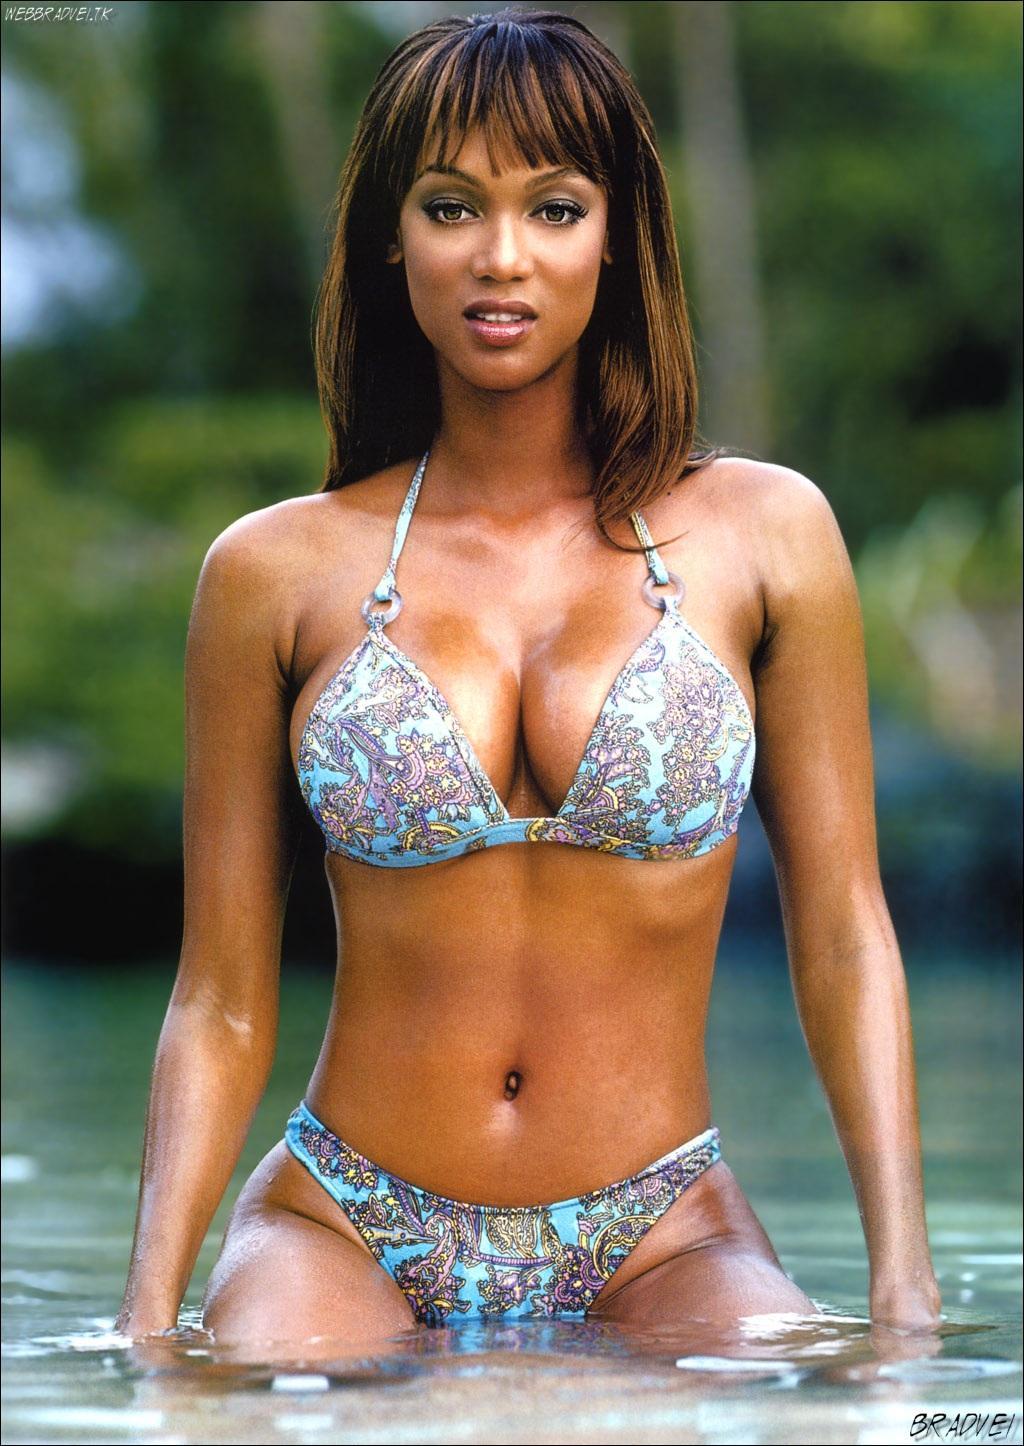 Tyra Banks desnuda - Página 20 fotos desnuda,